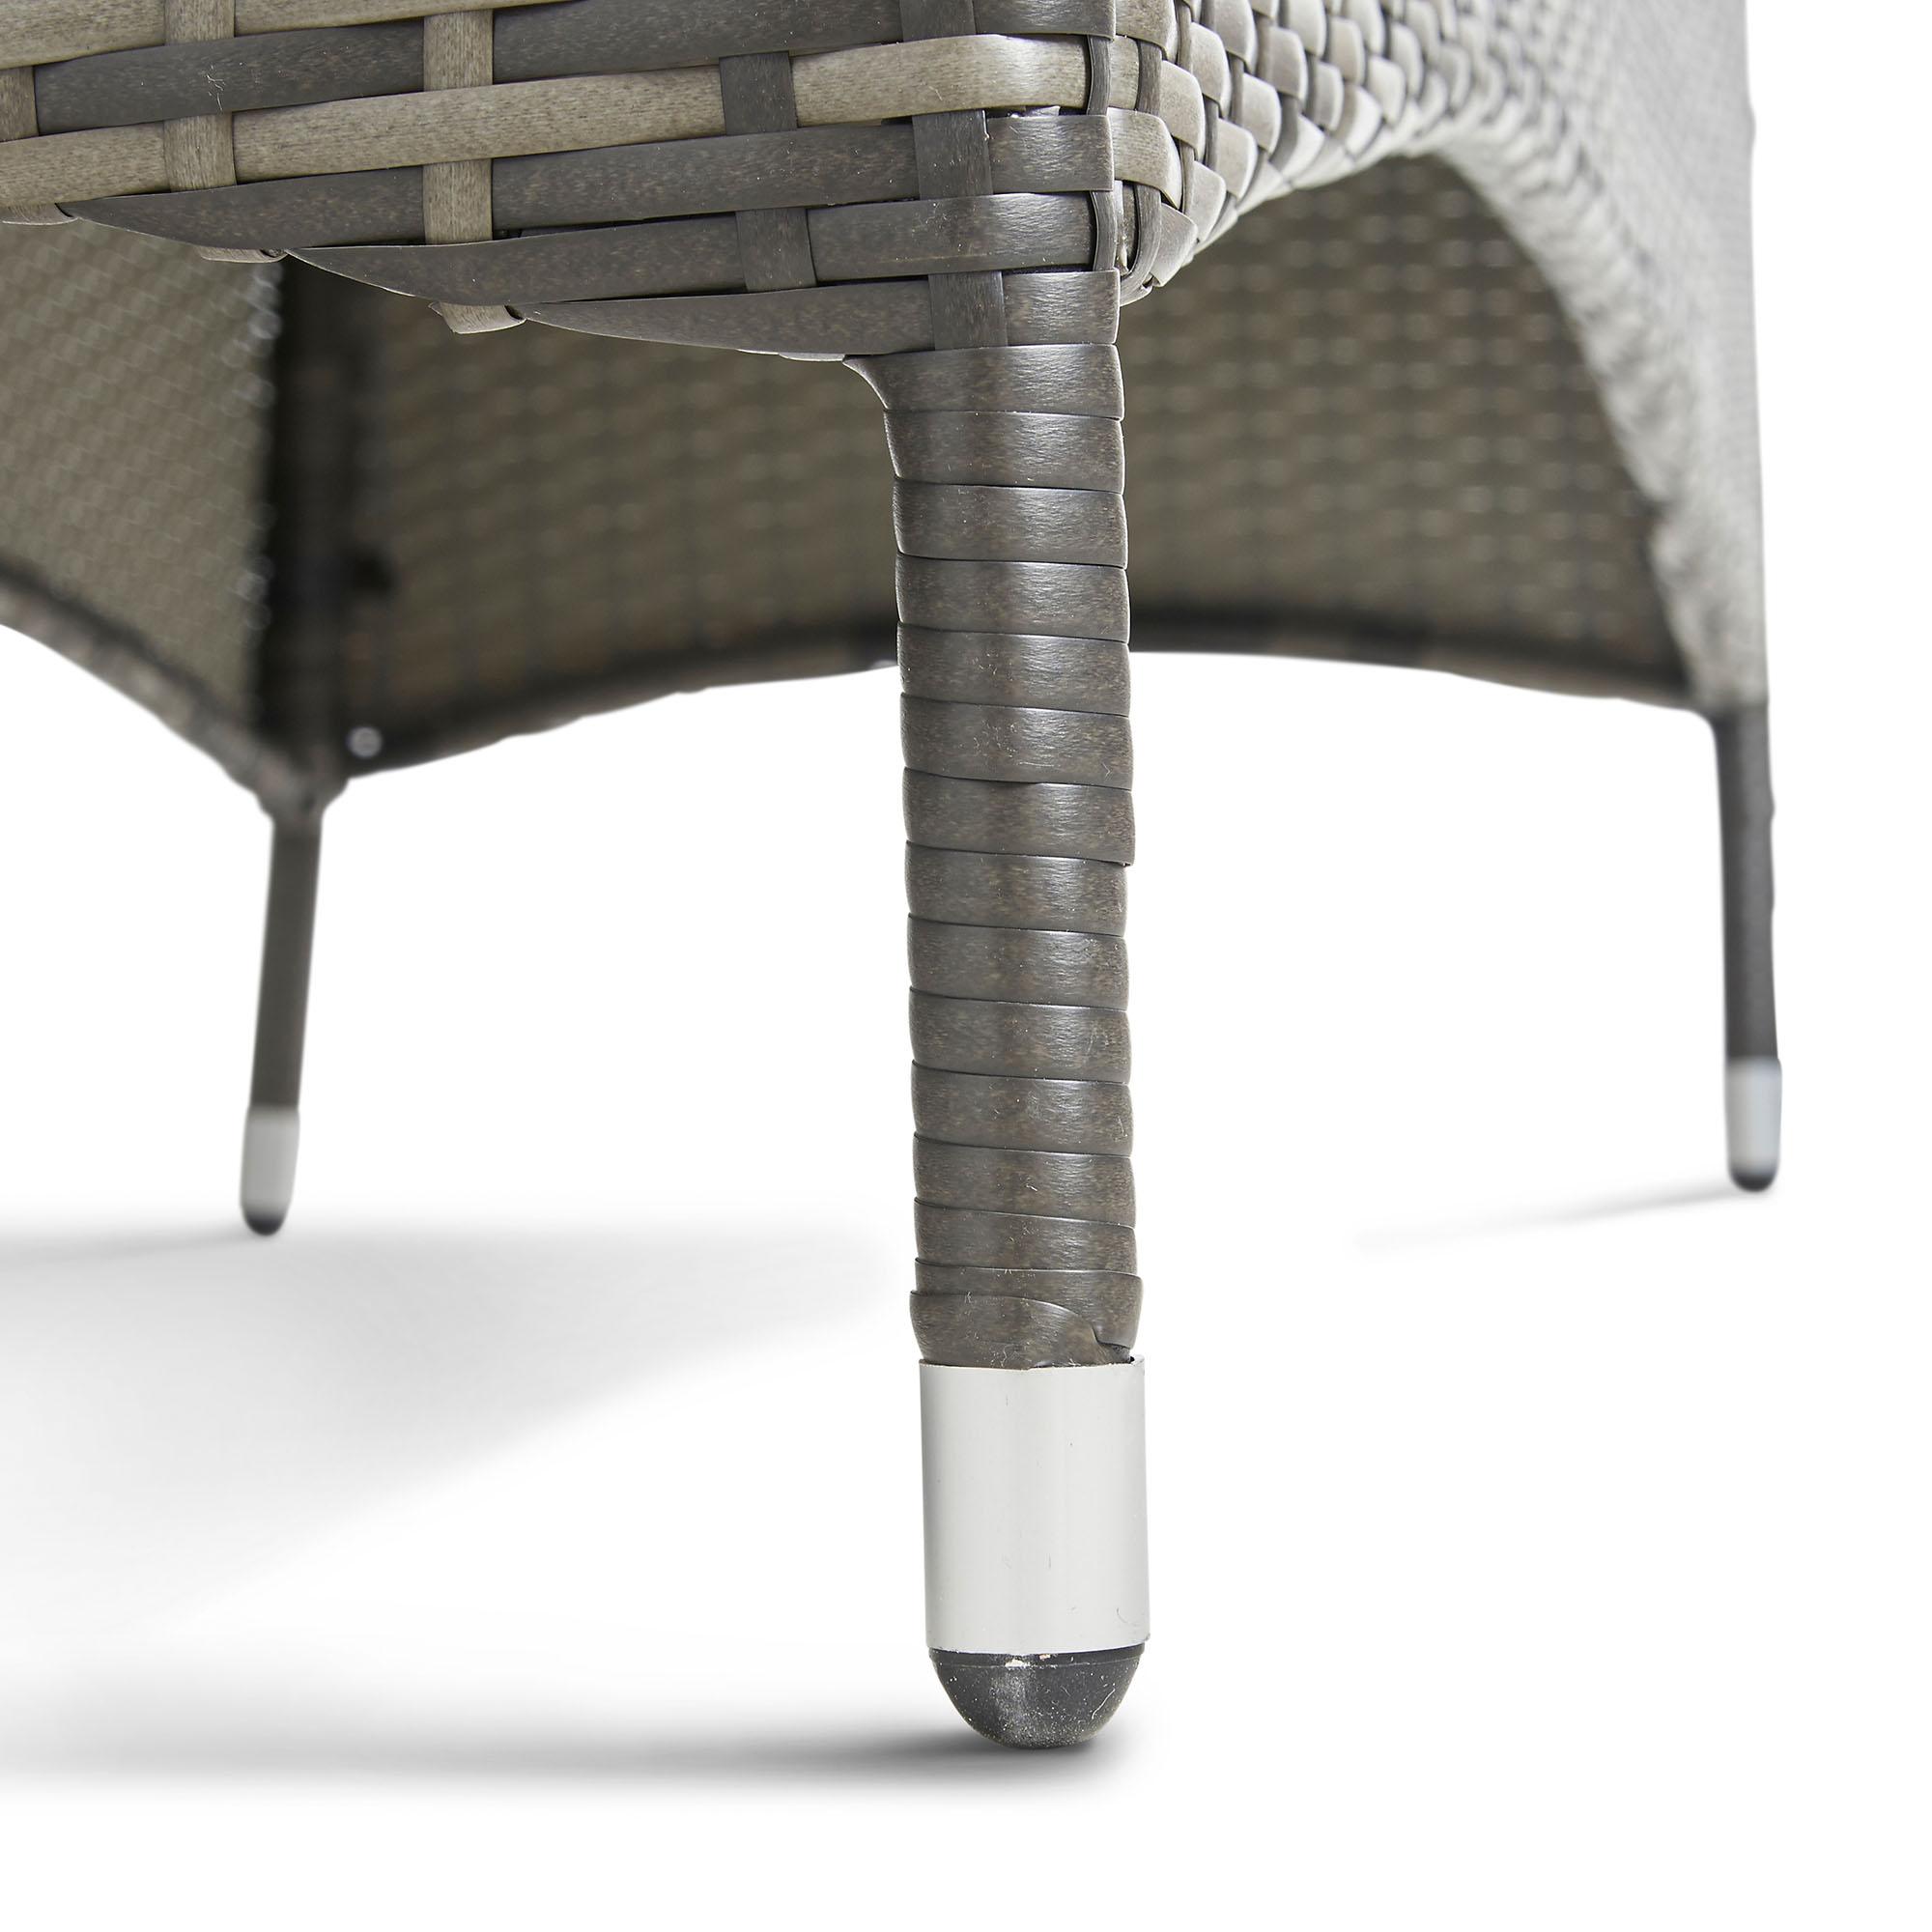 Vonhaus Rattan Loveseat Bench Outdoor Companion Seat For